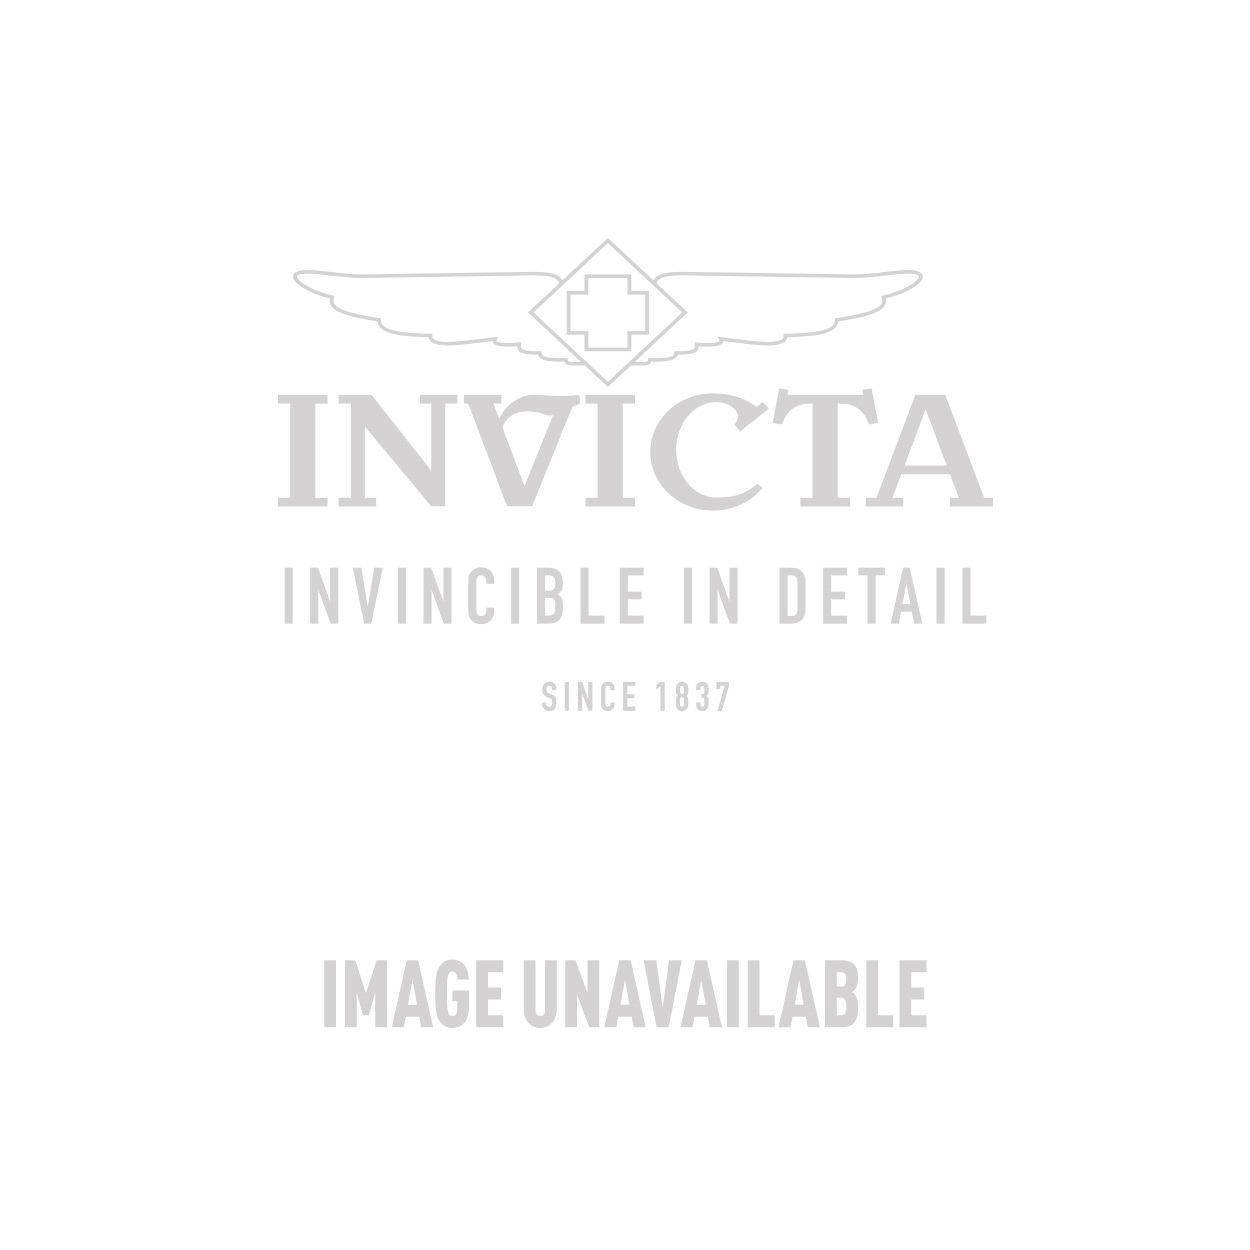 Invicta Model 28220